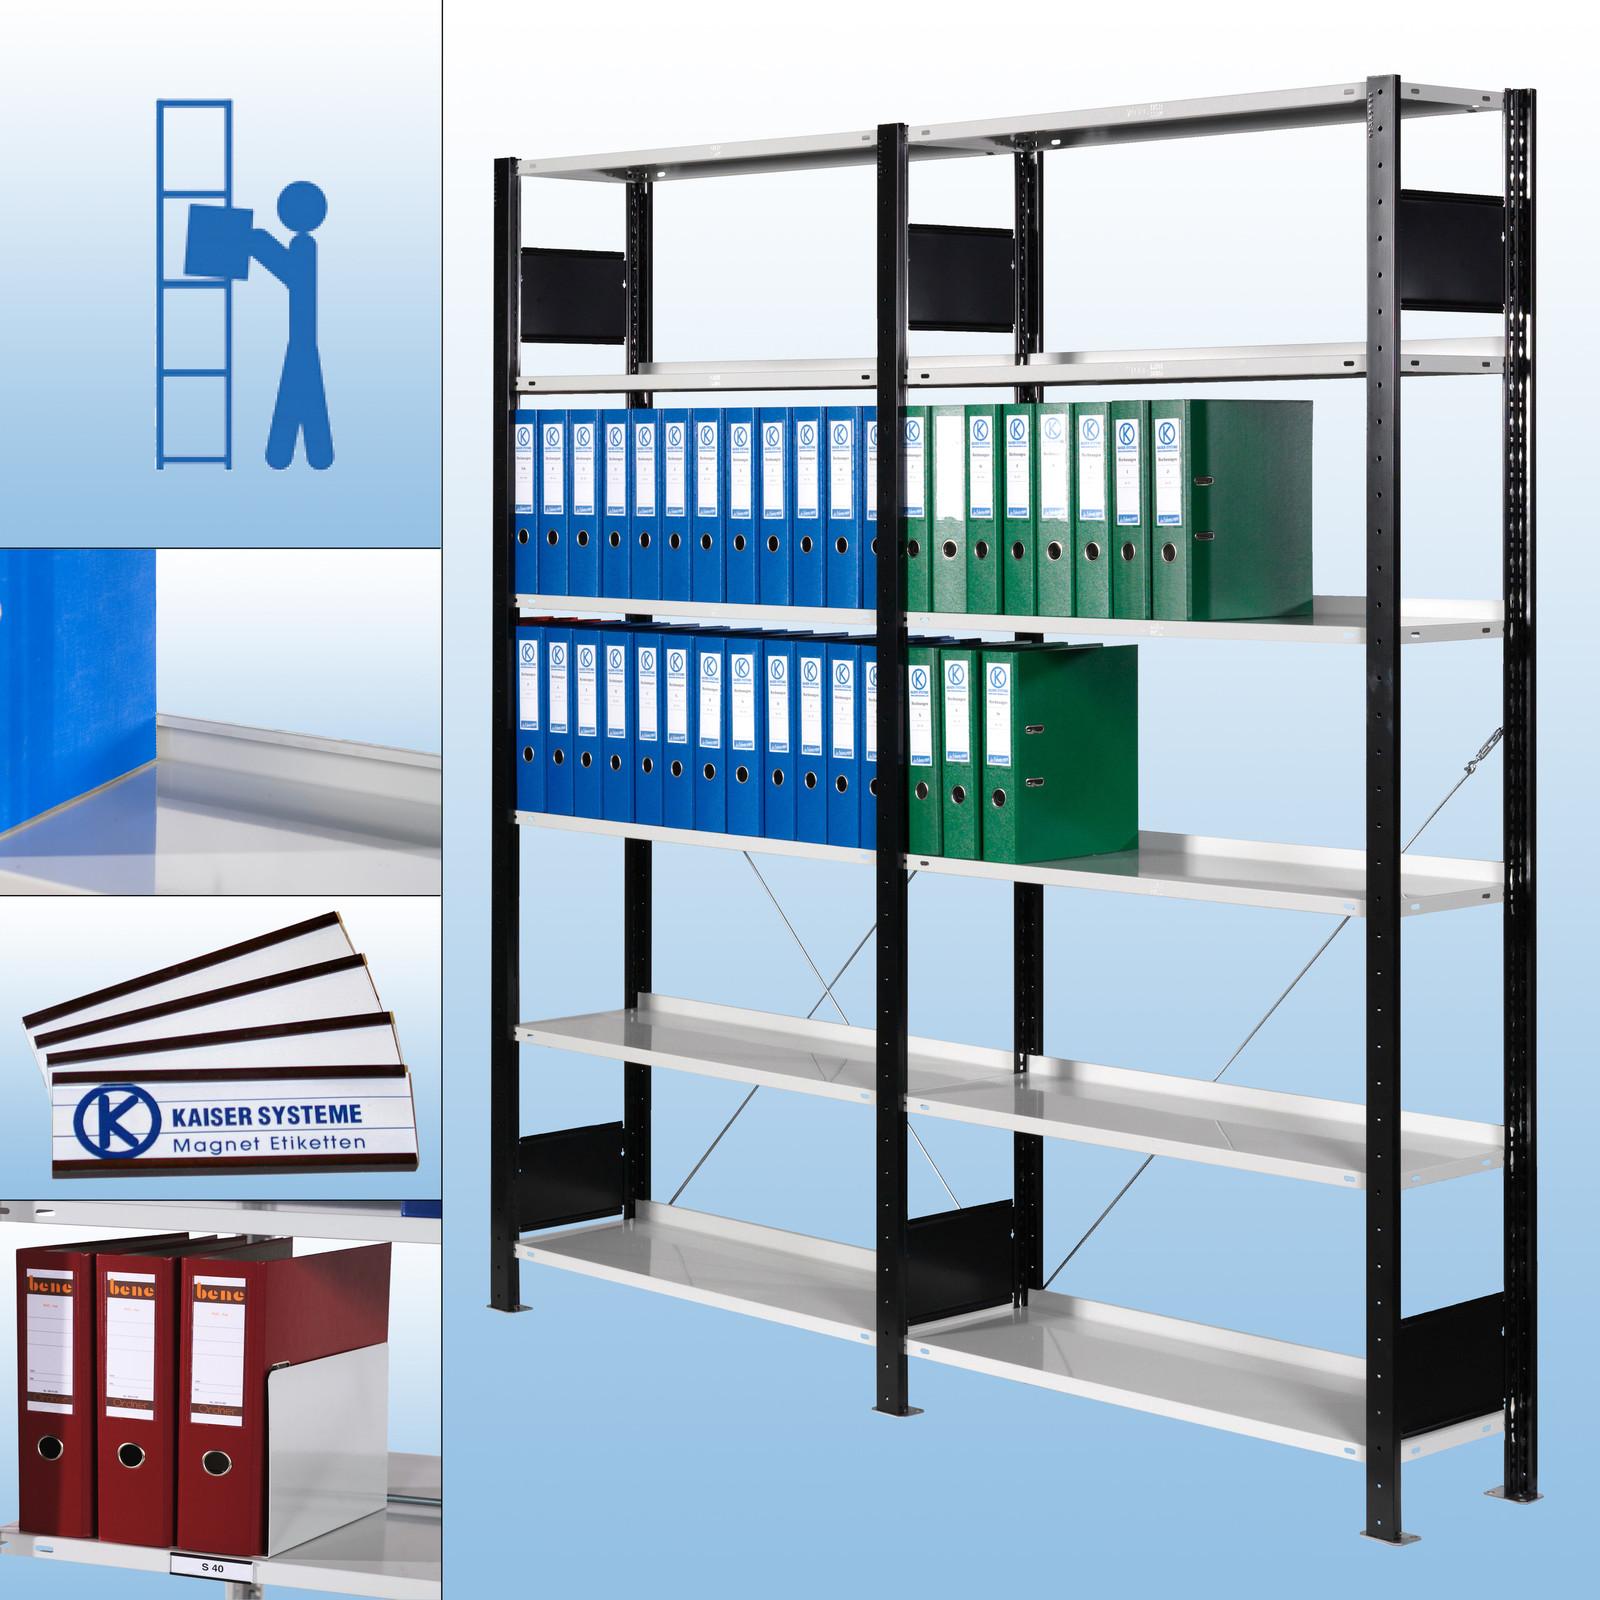 s40 ordnerregal stecksystem schwarz ral 7035 pulverbeschichtet bei kaiser systeme. Black Bedroom Furniture Sets. Home Design Ideas